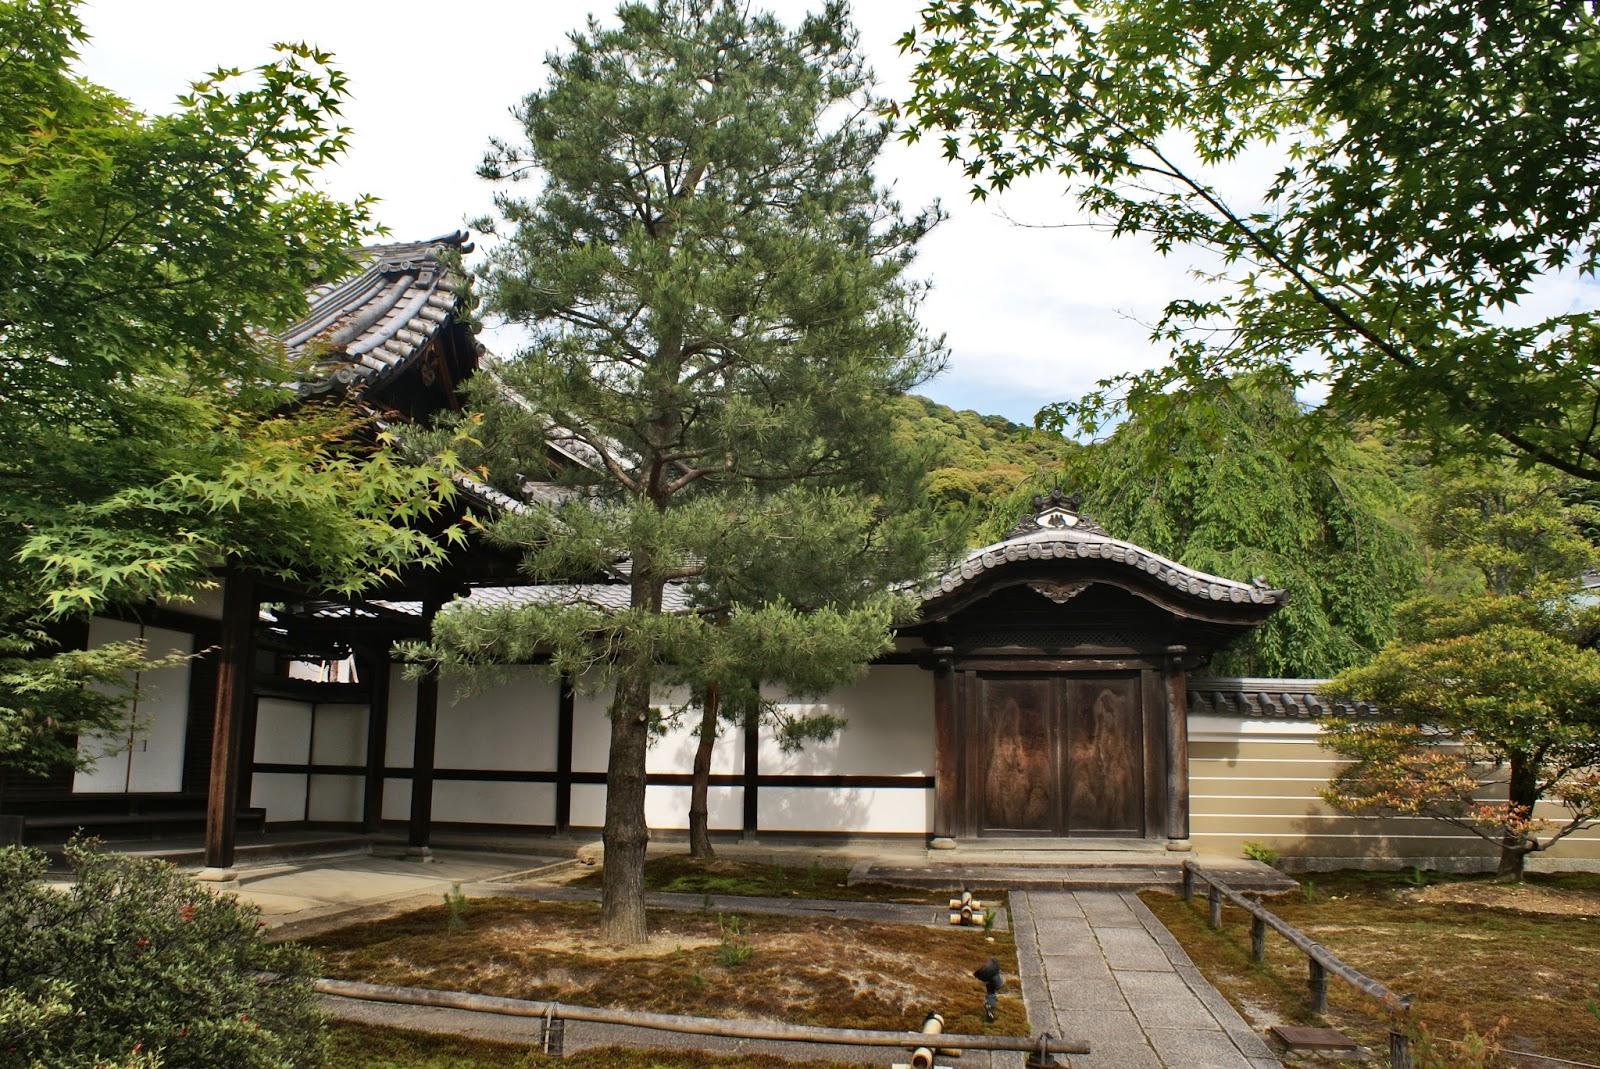 kyoto japan higashiyama kodai-ji